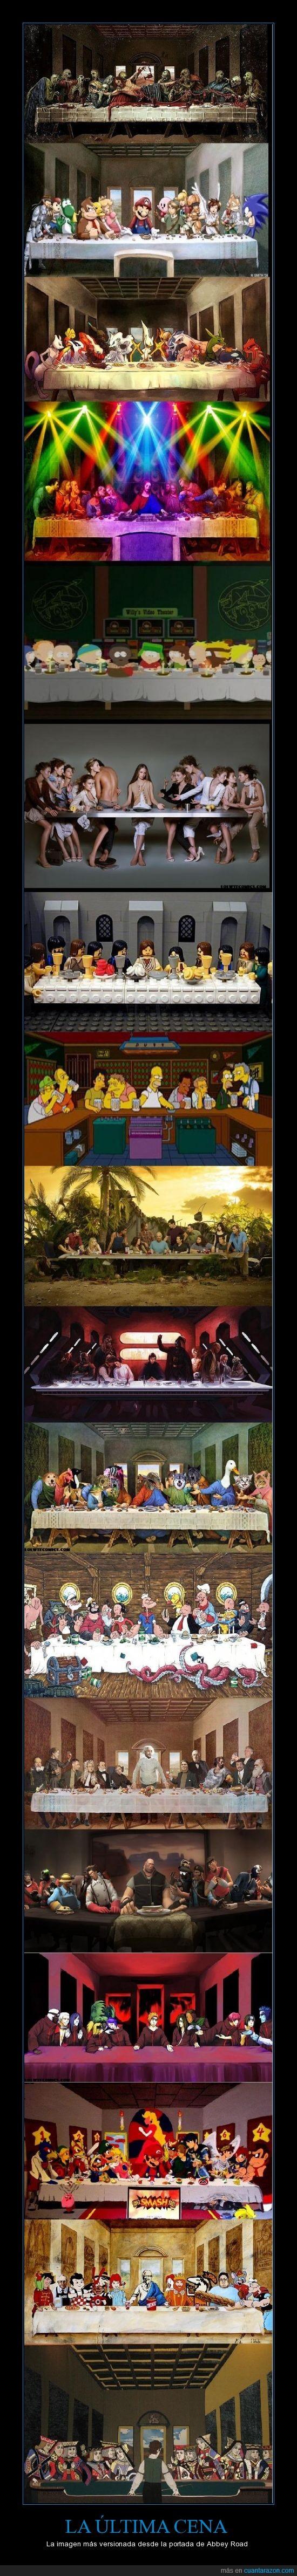 filosoraptor,lego,lost,mario,pokemon,simpsons,star wars,última cena,zombies